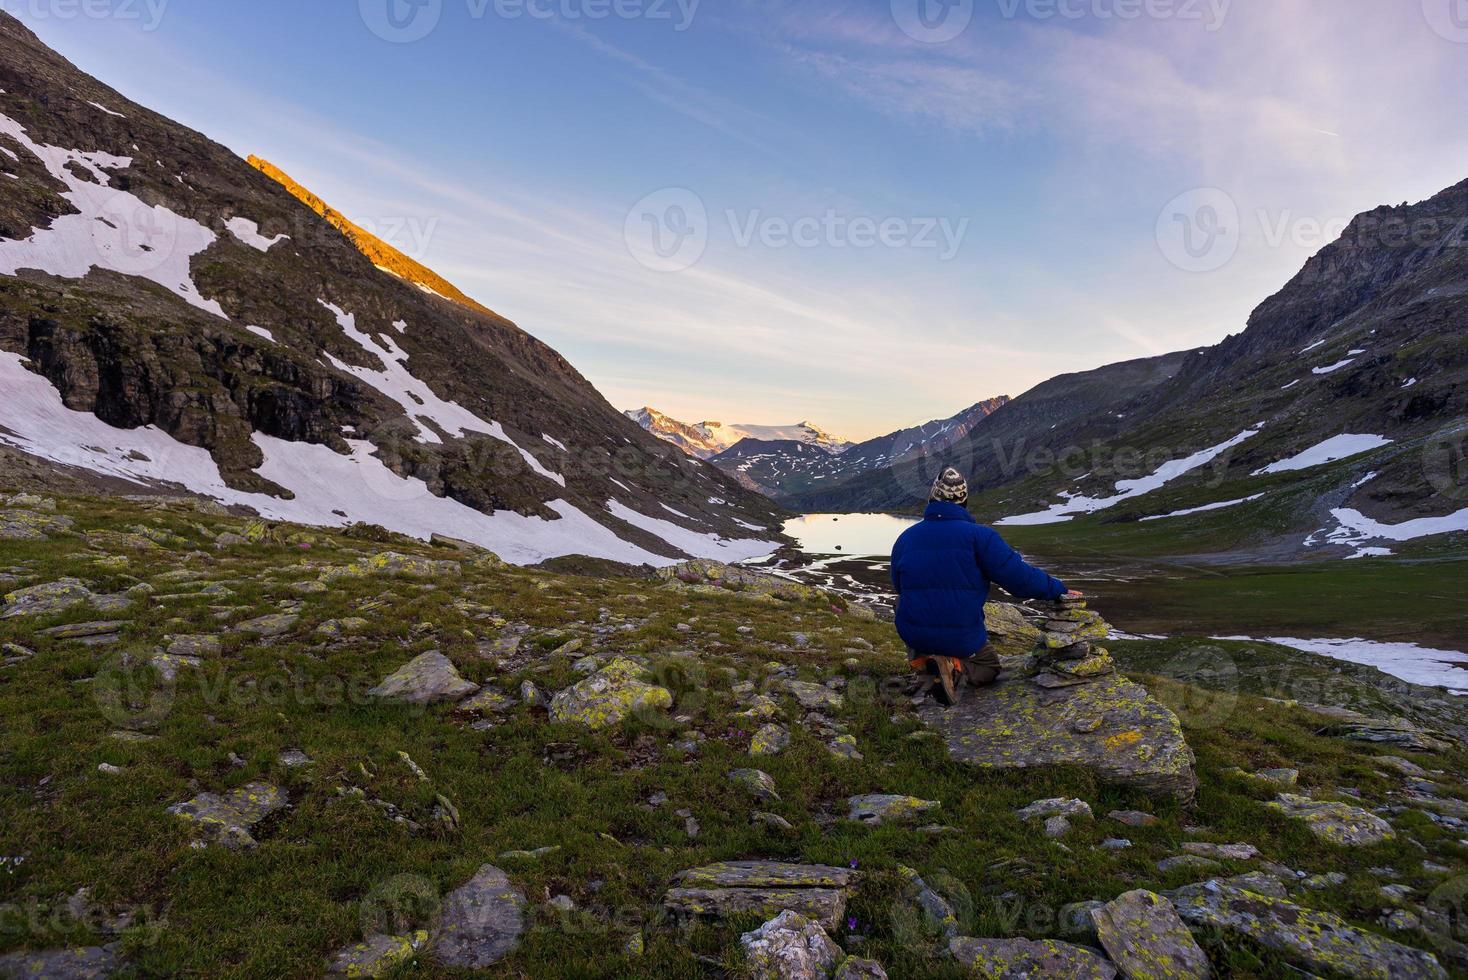 una persona che guarda l'alba in alto nelle alpi foto